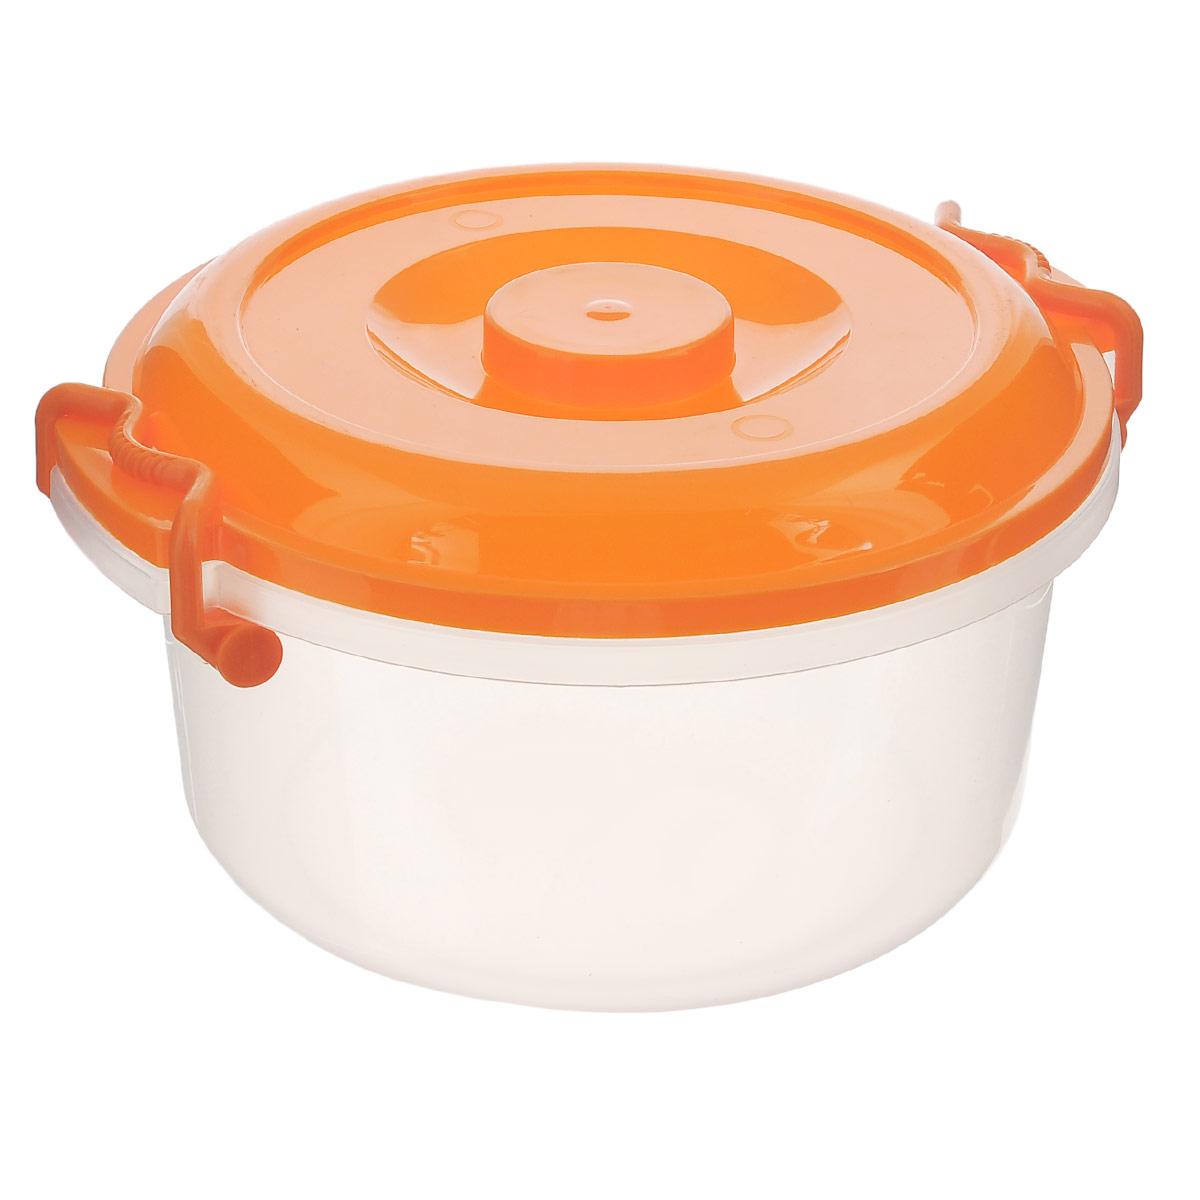 Контейнер Альтернатива, цвет: оранжевый, 5 лМ097Контейнер Альтернатива изготовлен из высококачественного пищевого пластика. Изделие оснащено крышкой и ручками, которые плотно закрывают контейнер. Также на крышке имеется ручка для удобной переноски. Емкость предназначена для хранения различных бытовых вещей и продуктов. Такой контейнер очень функционален и всегда пригодится на кухне. Диаметр контейнера (без учета крышки): 25 см. Высота стенок: 13,5 см. Объем: 5 л.